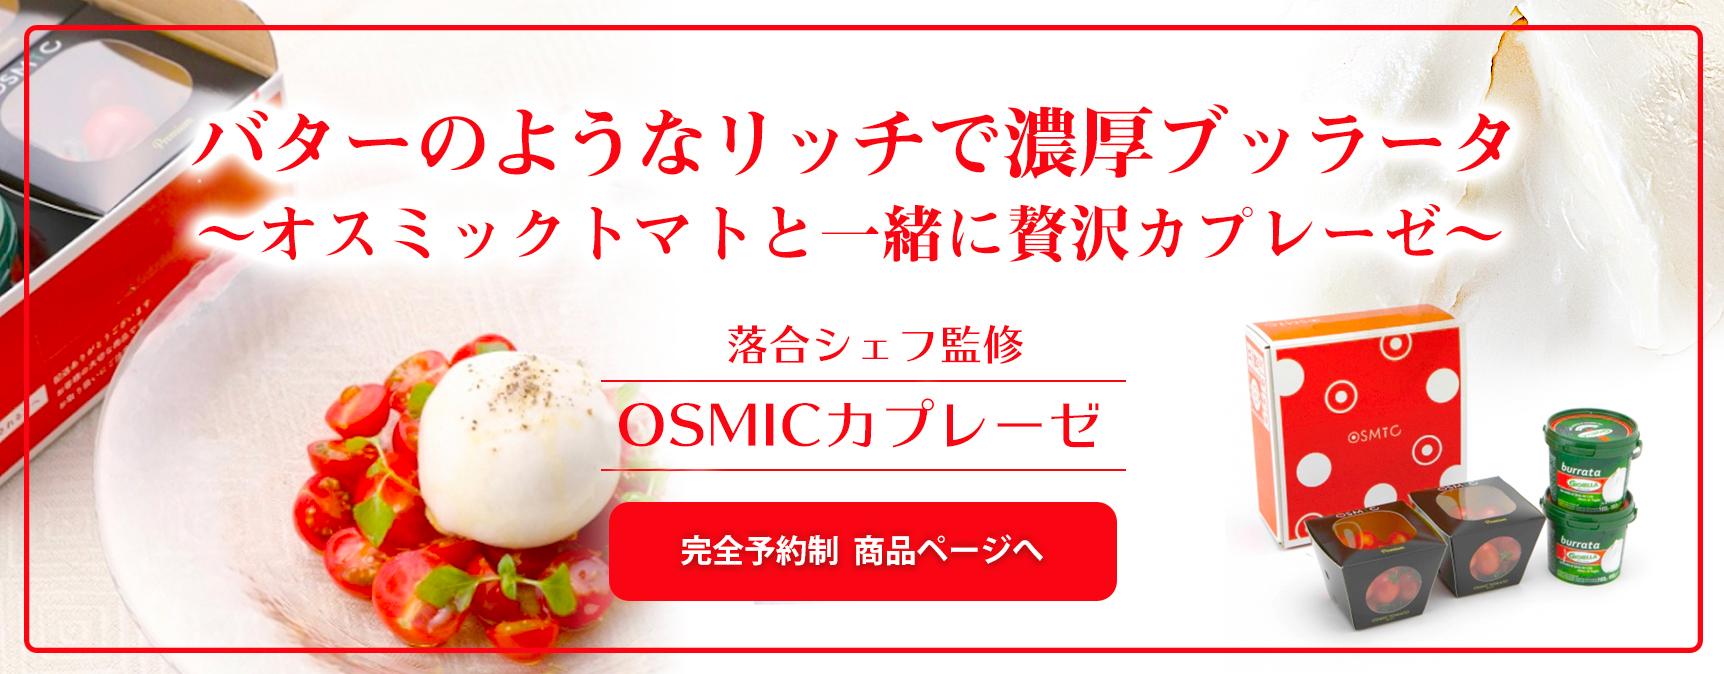 バターのような立地で濃厚ブッラータ ~オスミックトマトと一緒に贅沢カプレーゼ 落合シェフ監修 OSMICカプレーゼ~